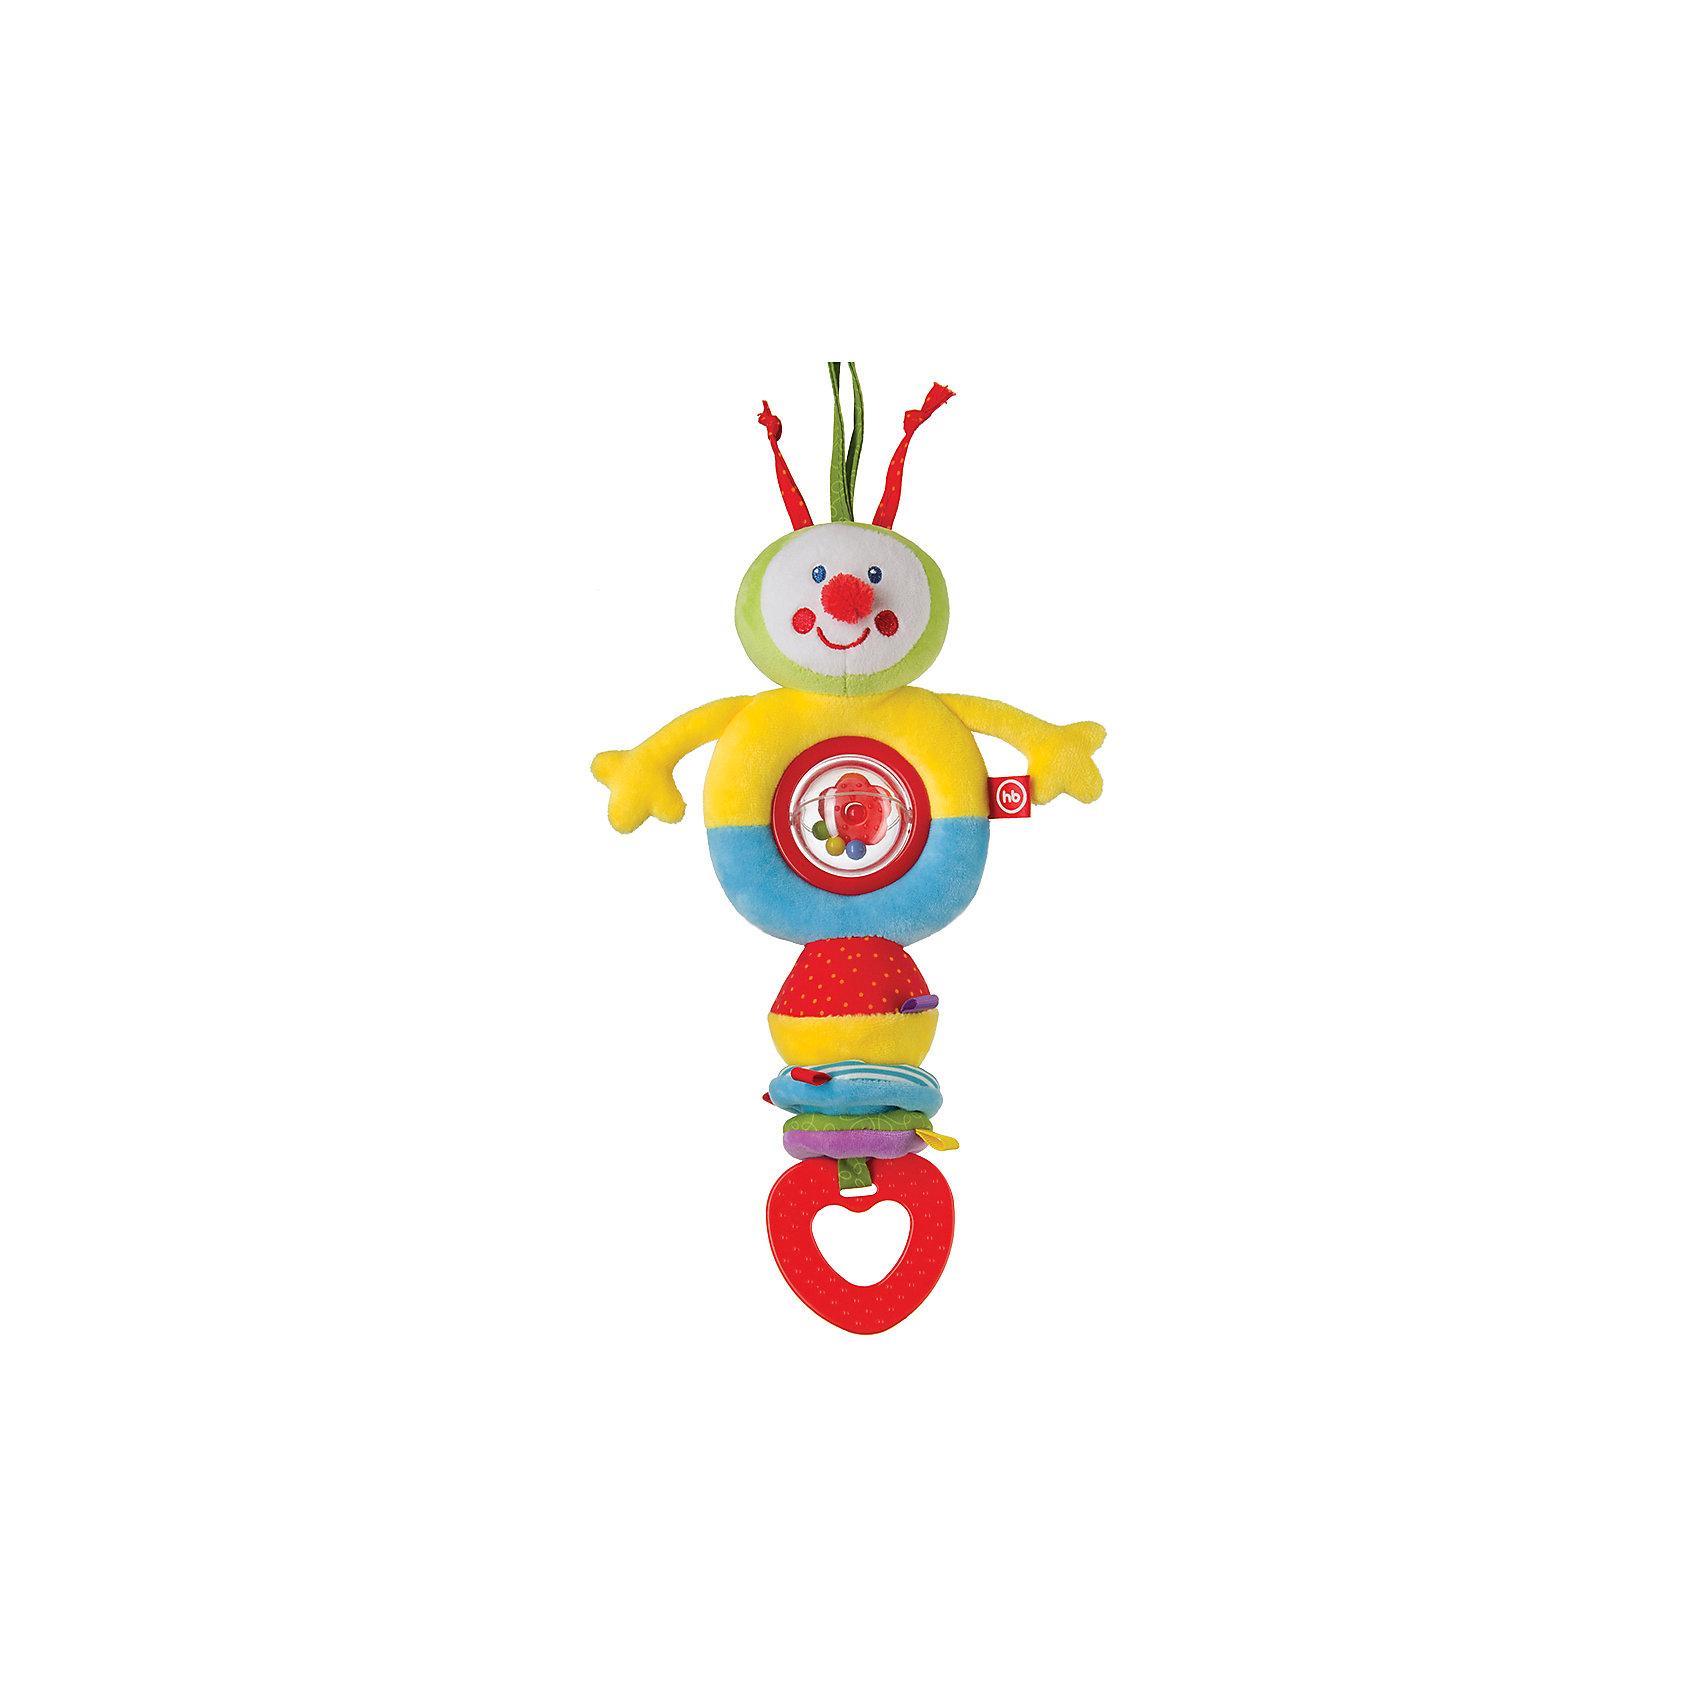 Игрушка-погремушка Talky Caterpillar, Happy BabyПогремушки<br>Весёлая вибрирующая игрушка-погремушка TALKY CATERPILLAR не оставит ребёнка равнодушным. Удобные завязки позволяют крепить игрушку на кроватку, коляску, автомобильное кресло, манеж, дуги развивающего коврика и другие предметы. Таким образом любимая игрушка будет везде путешествовать с малышом, радуя и поддерживая его во всех жизненных ситуациях.<br><br>Ширина мм: 55<br>Глубина мм: 120<br>Высота мм: 370<br>Вес г: 136<br>Возраст от месяцев: 0<br>Возраст до месяцев: 18<br>Пол: Унисекс<br>Возраст: Детский<br>SKU: 5621716